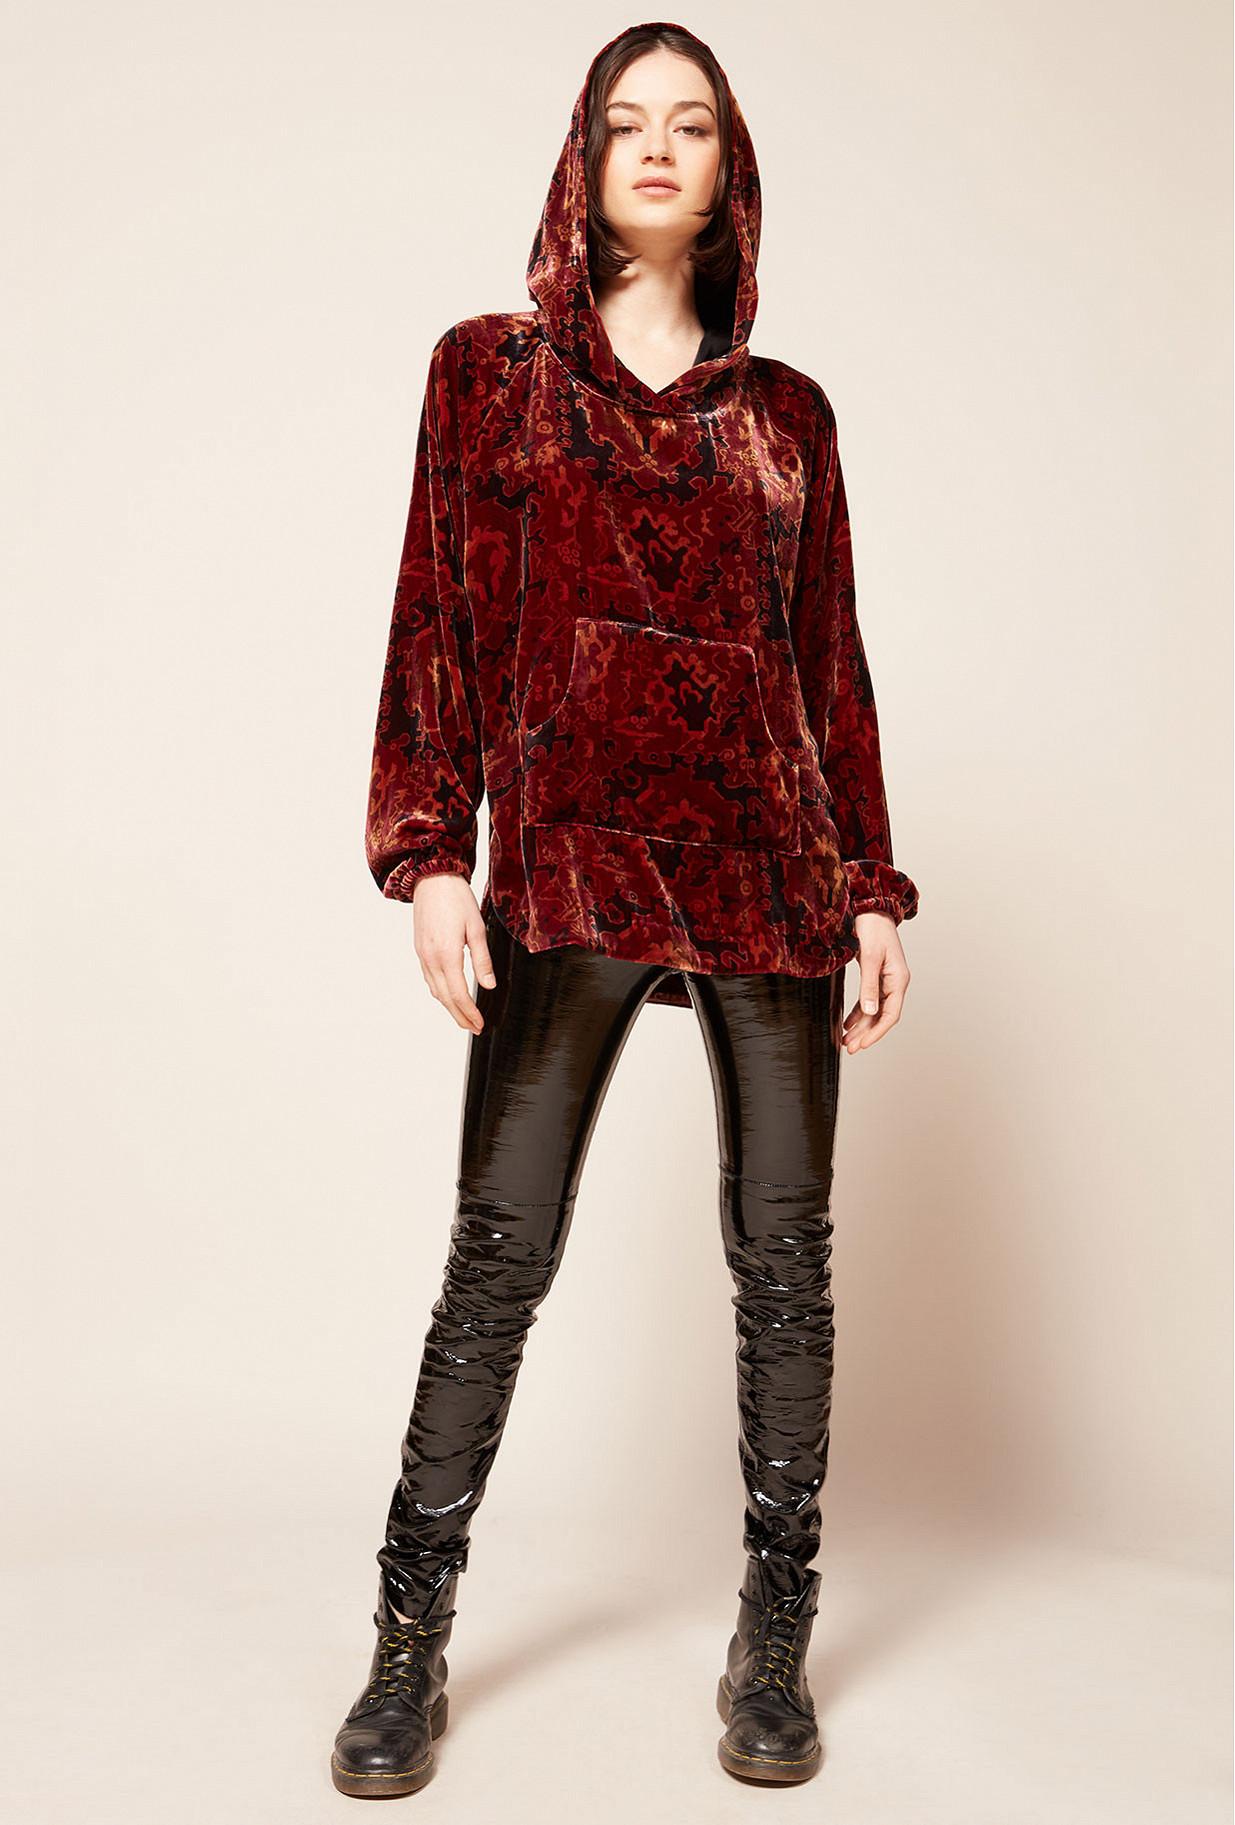 Pull Imprimé rouge  Aubusson mes demoiselles paris vêtement femme paris